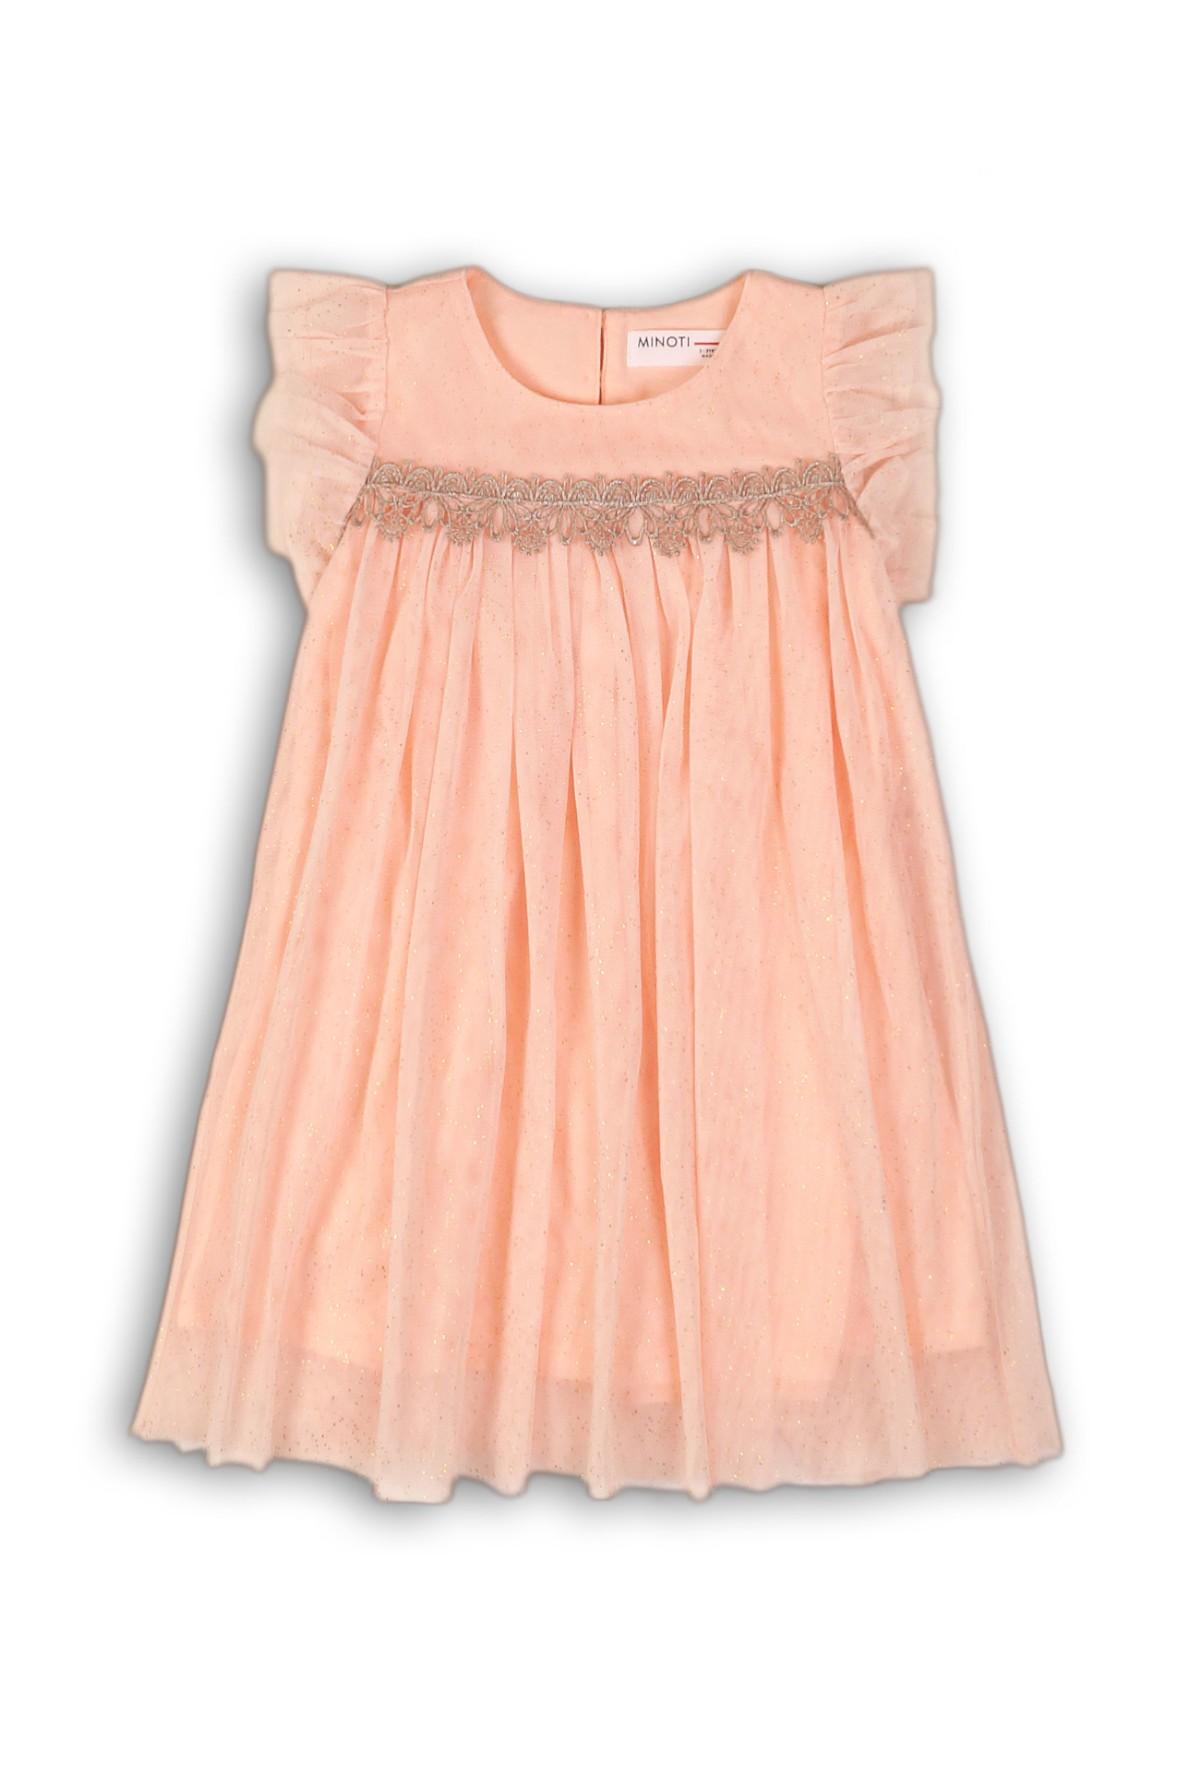 Tiulowa sukienka dla dziewczynki ze złotymi nadrukami